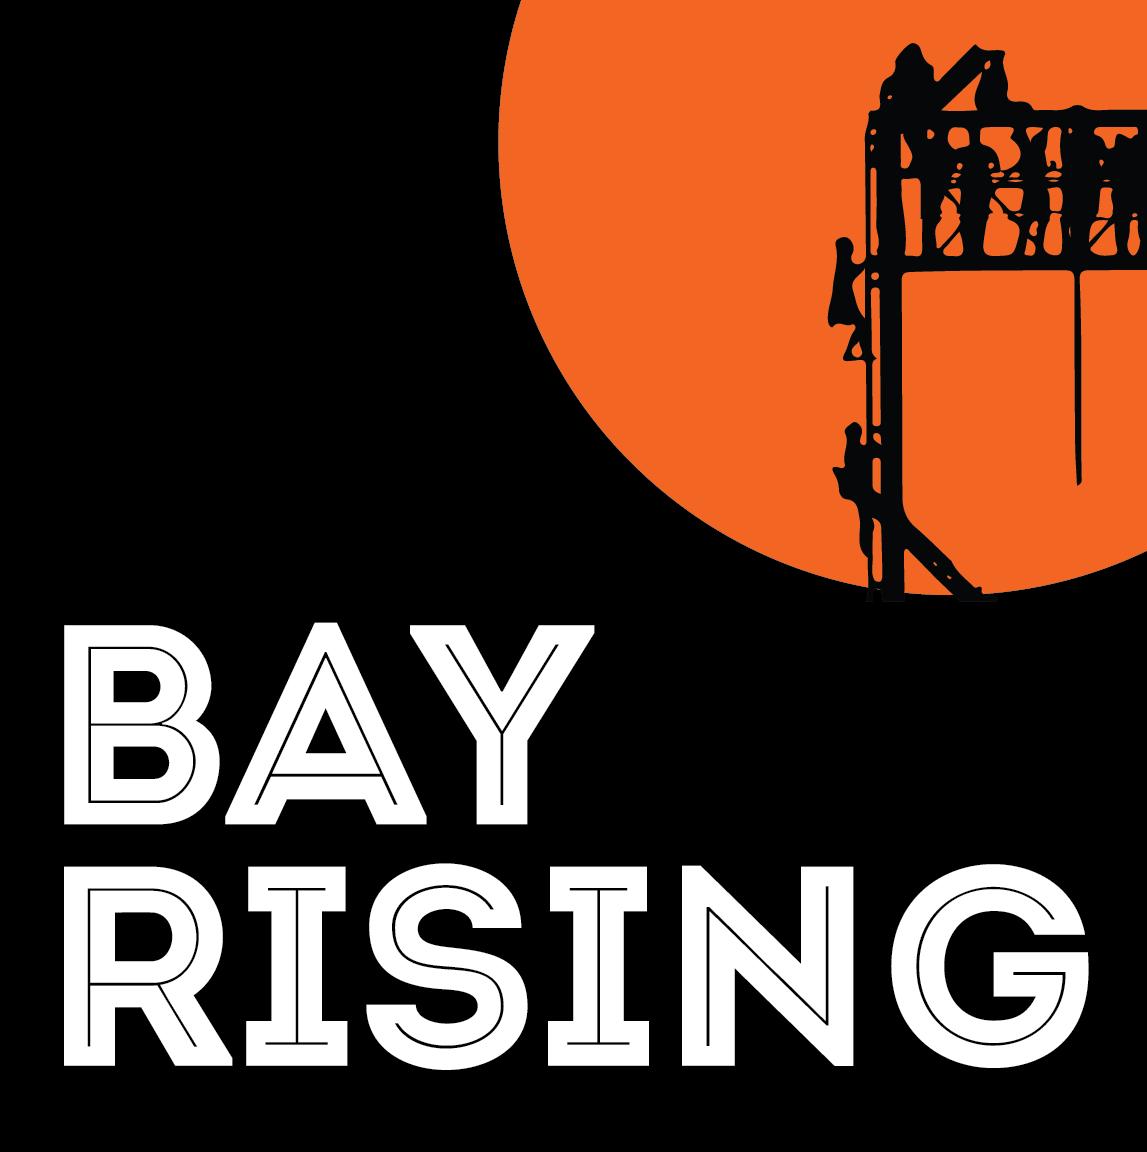 Bay Rising & Bay Rising Action